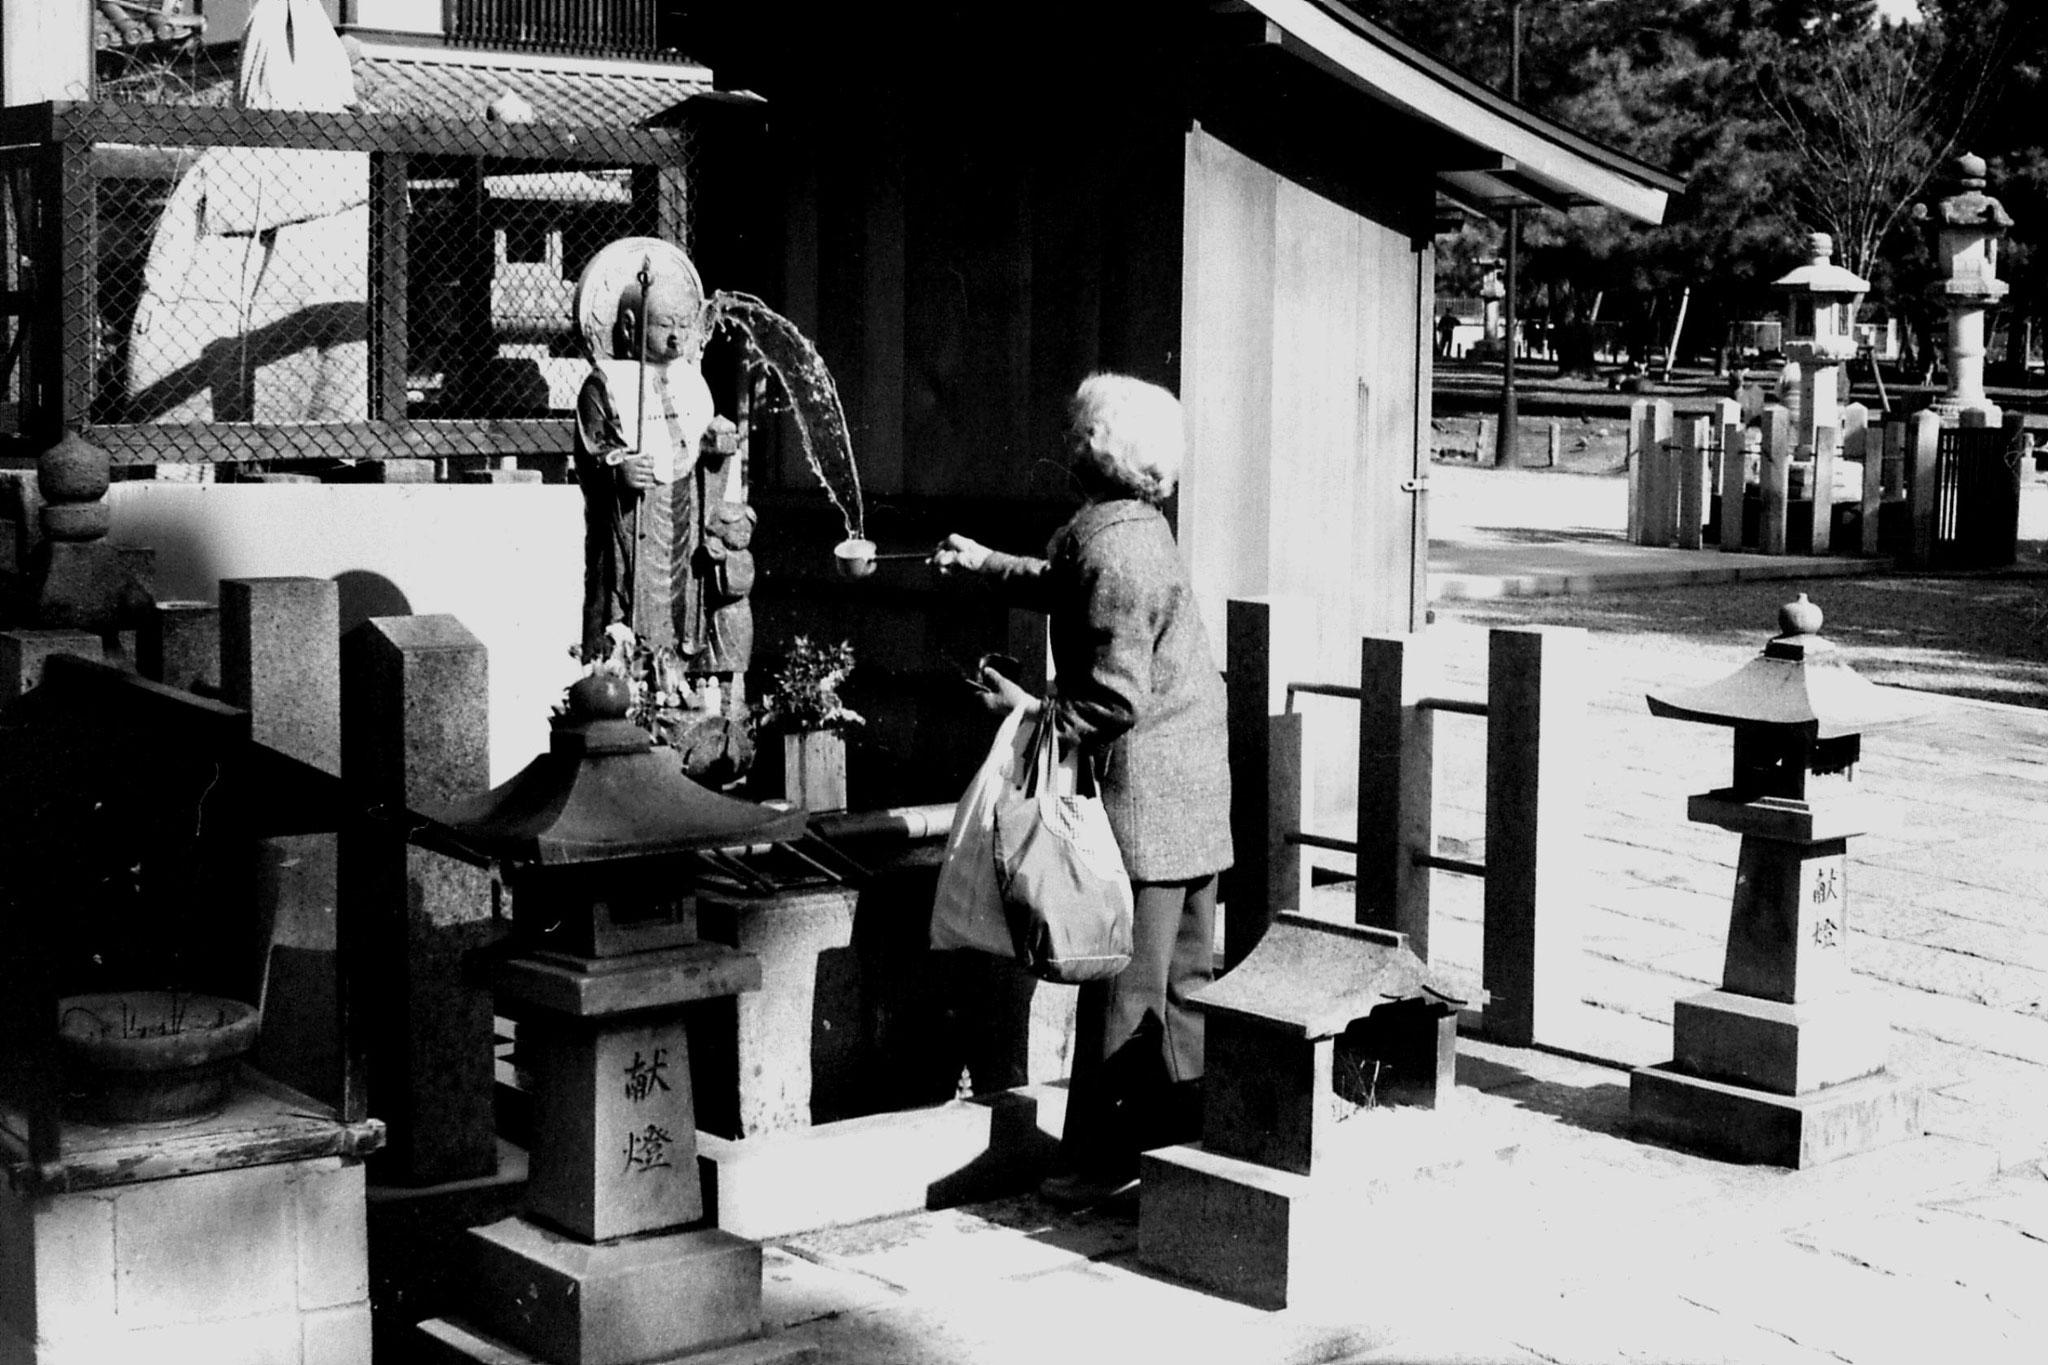 25/1/1989: 26:Nara